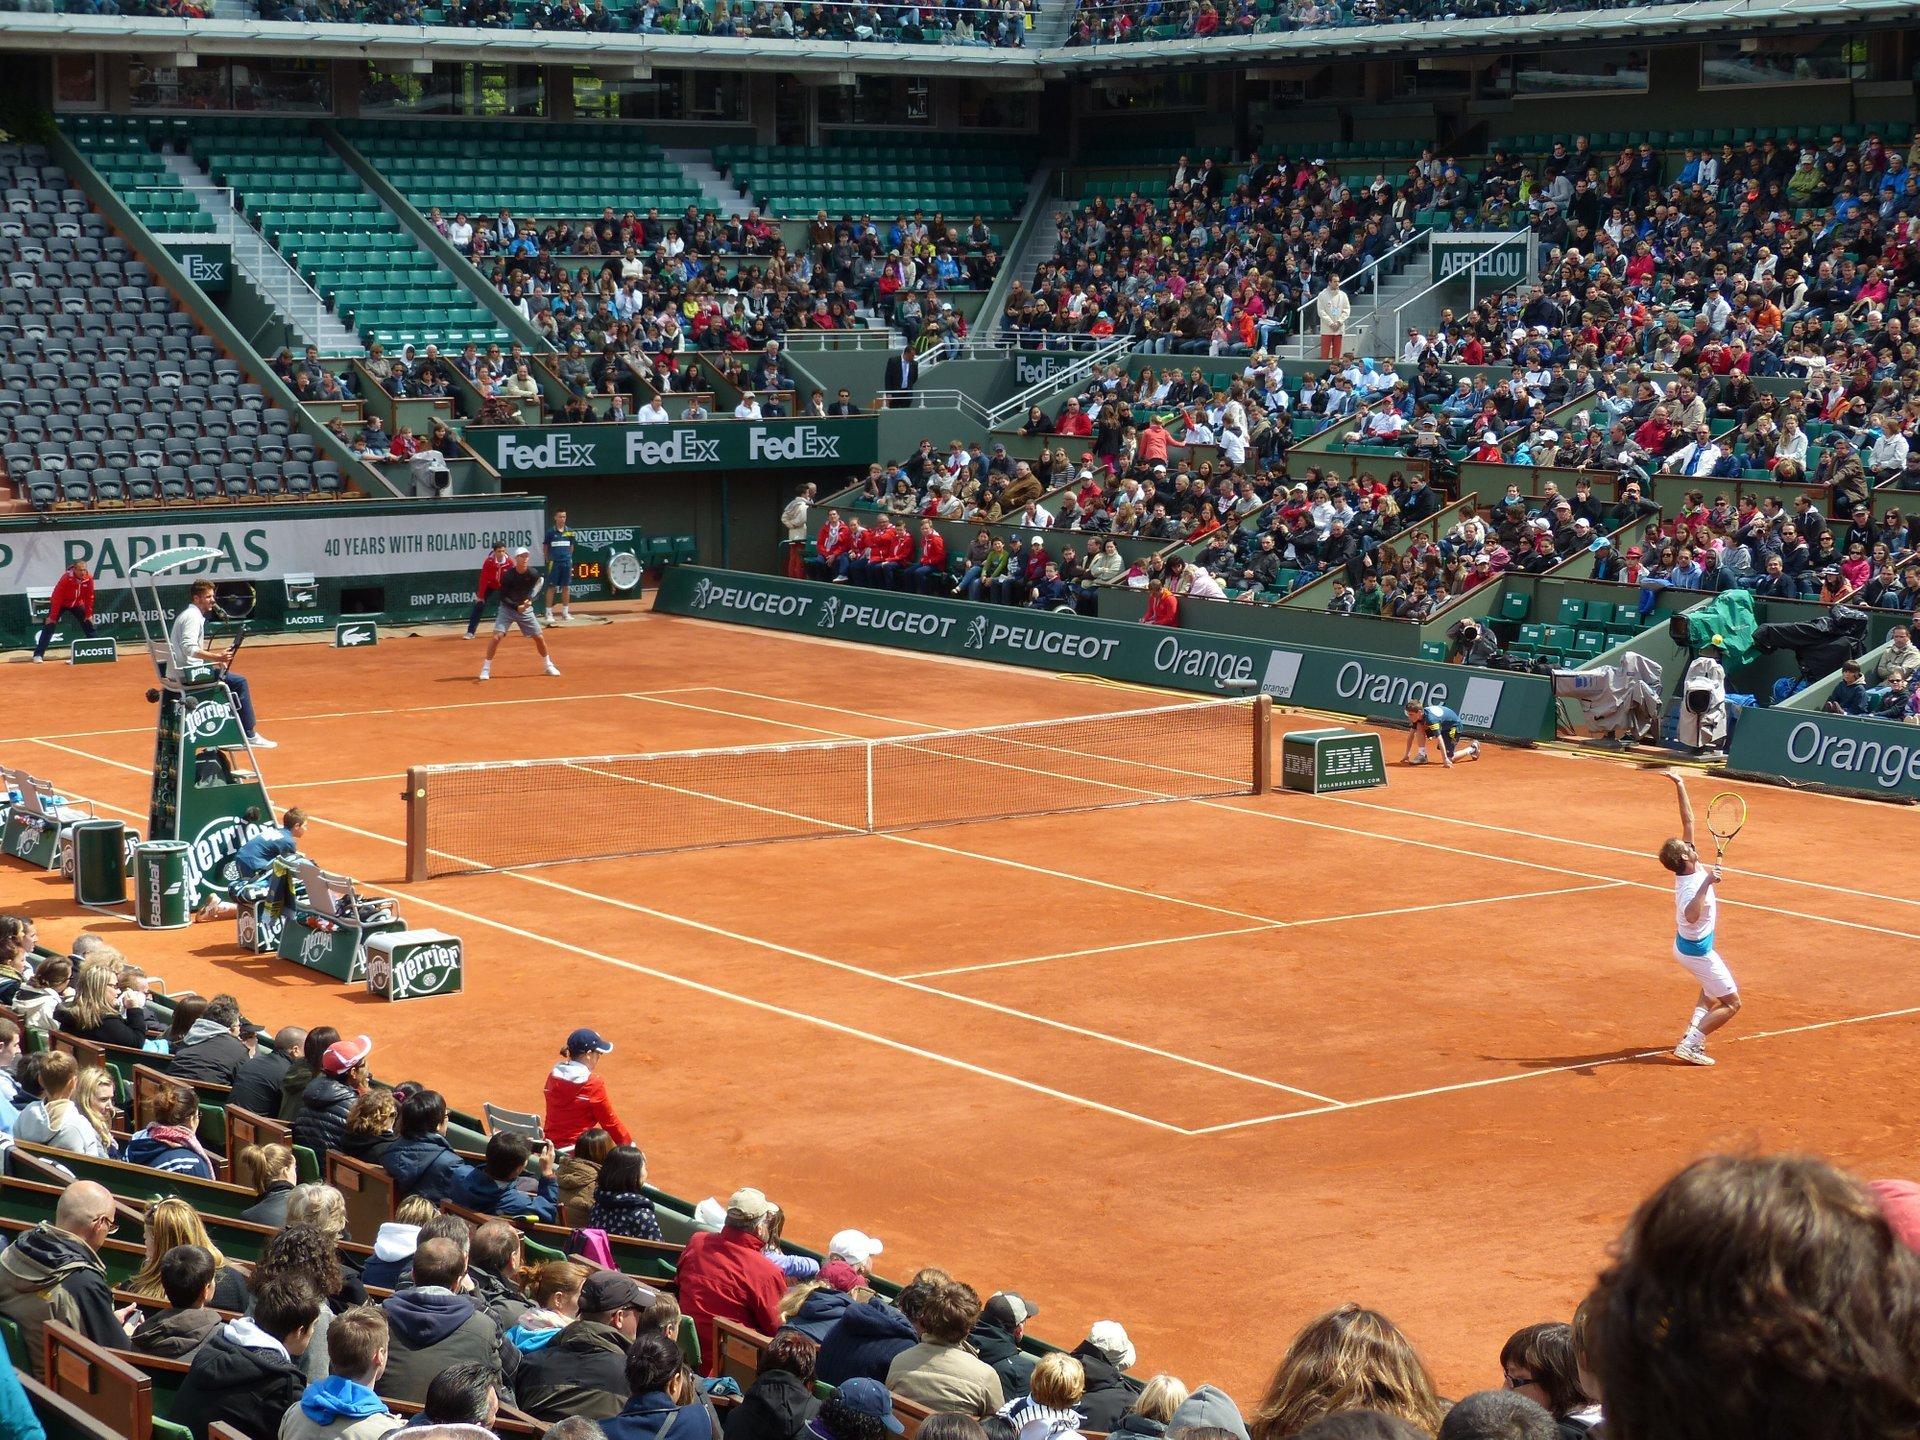 Gasquet v. Berdych at Roland Garros 2013 2020